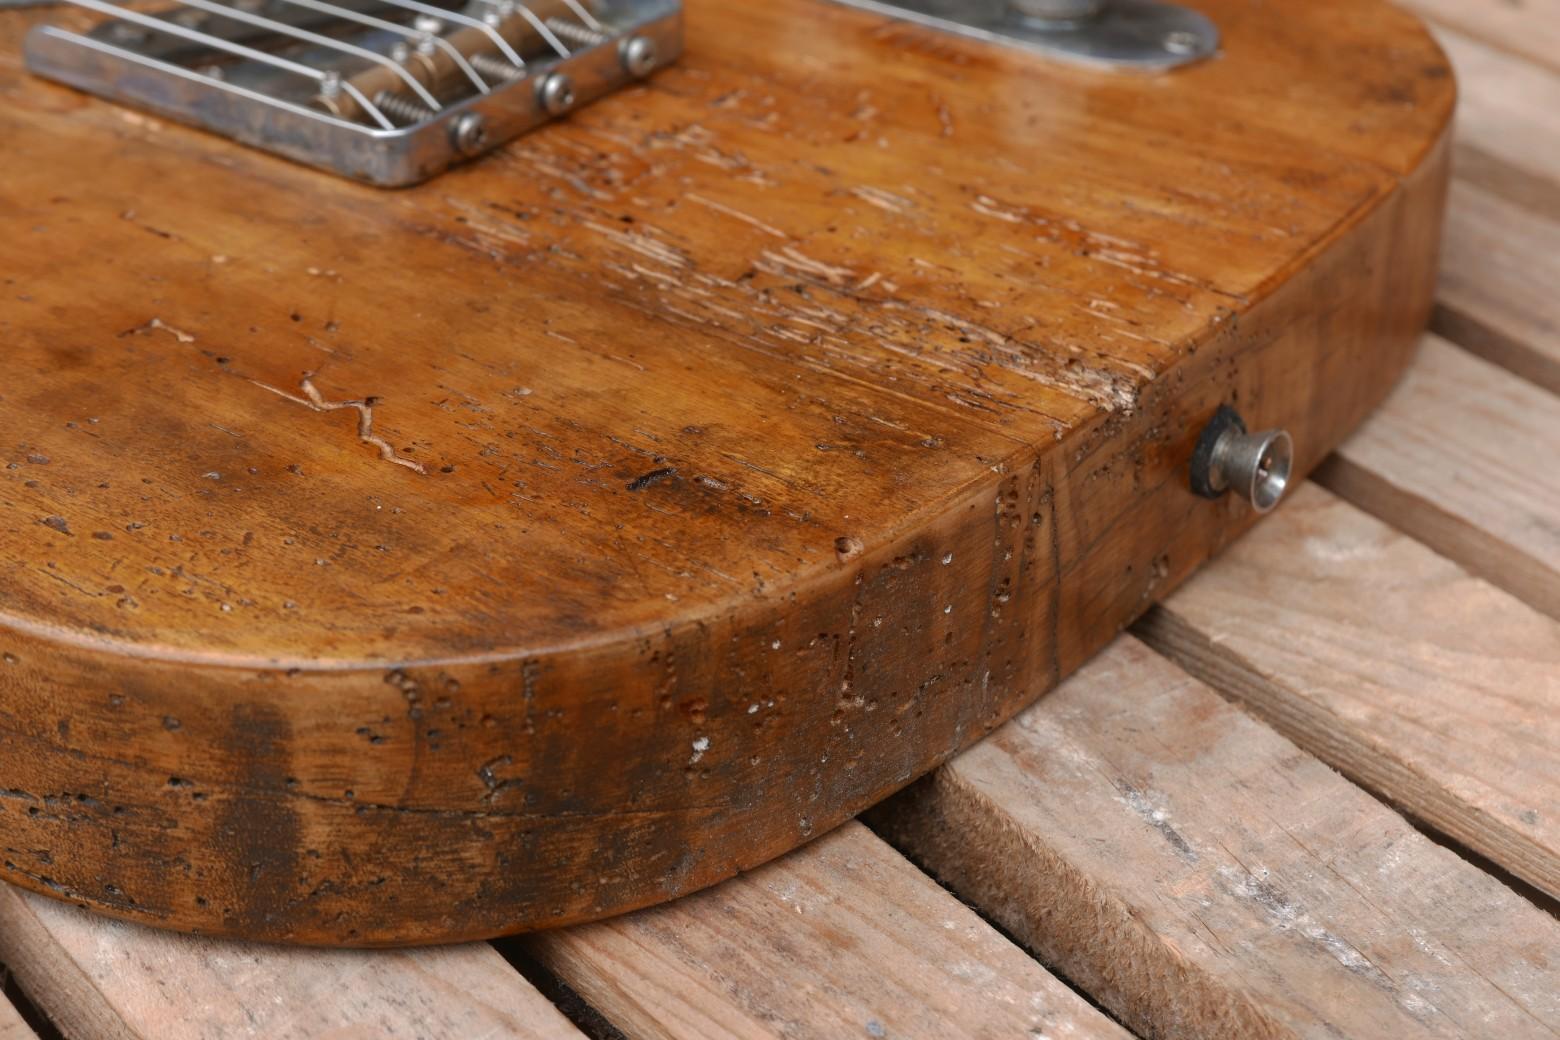 telecaster dettaglio pioppo tarlato